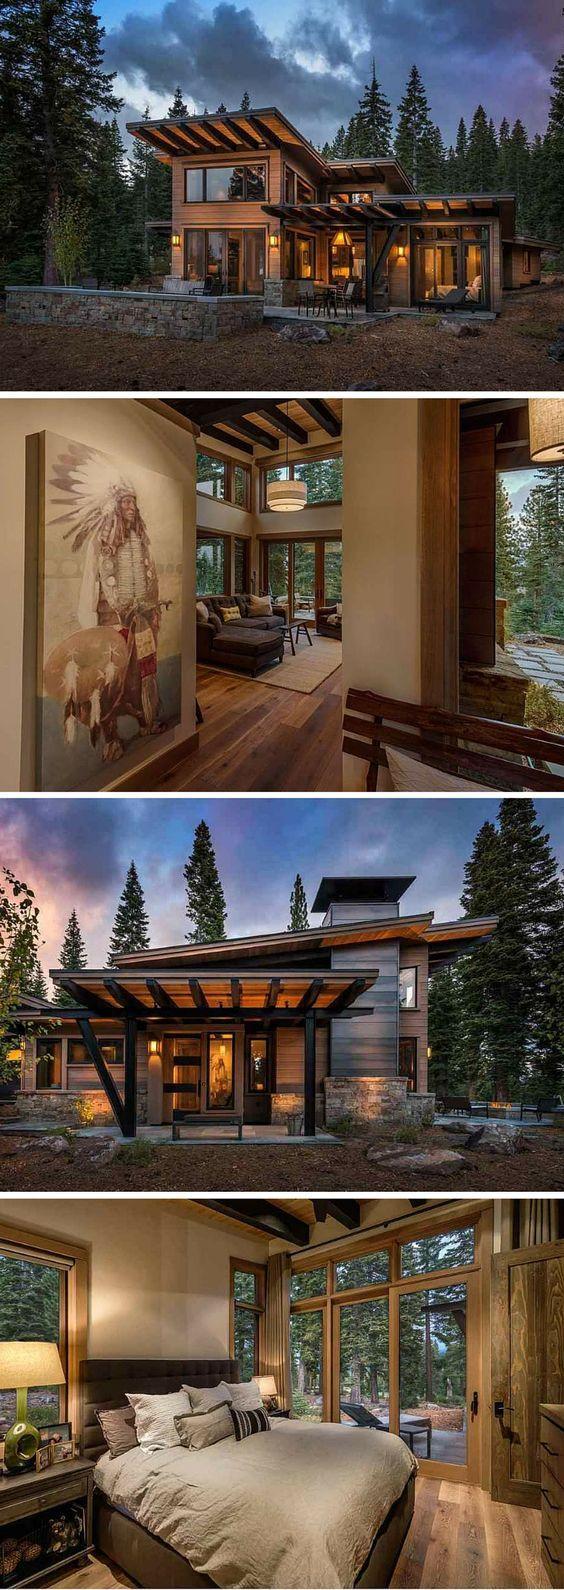 El mejor y más exclusivo modelo de casa campestre lo tenemos y diseñamos en rkconstructions.weebly.com